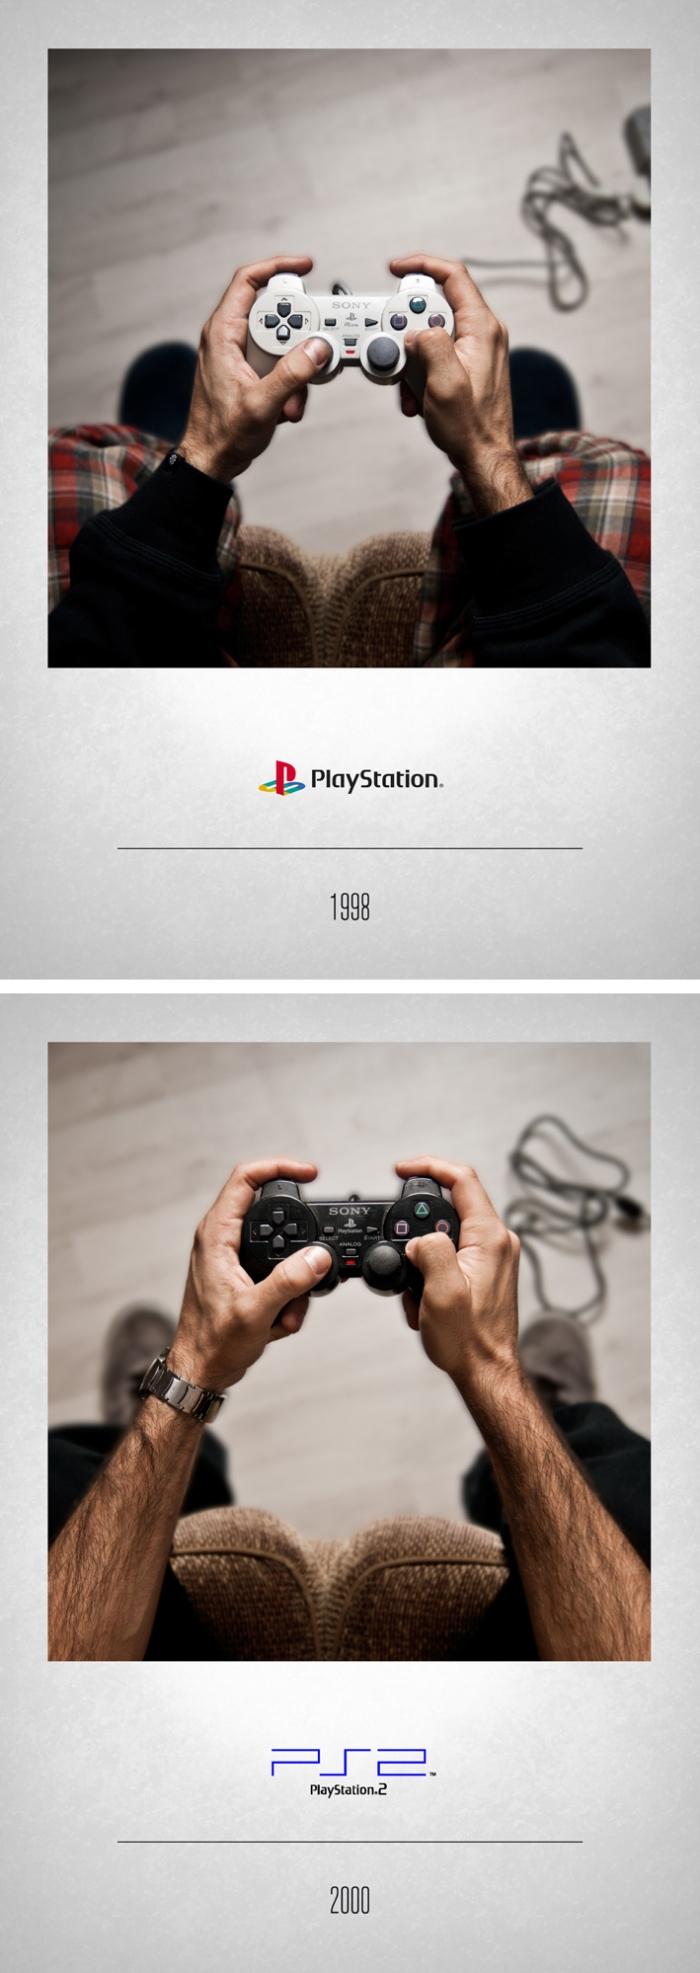 Η Ιστορία των Βιντεοπαιχνιδιών Μέσα από τα Τηλεχειριστήρια